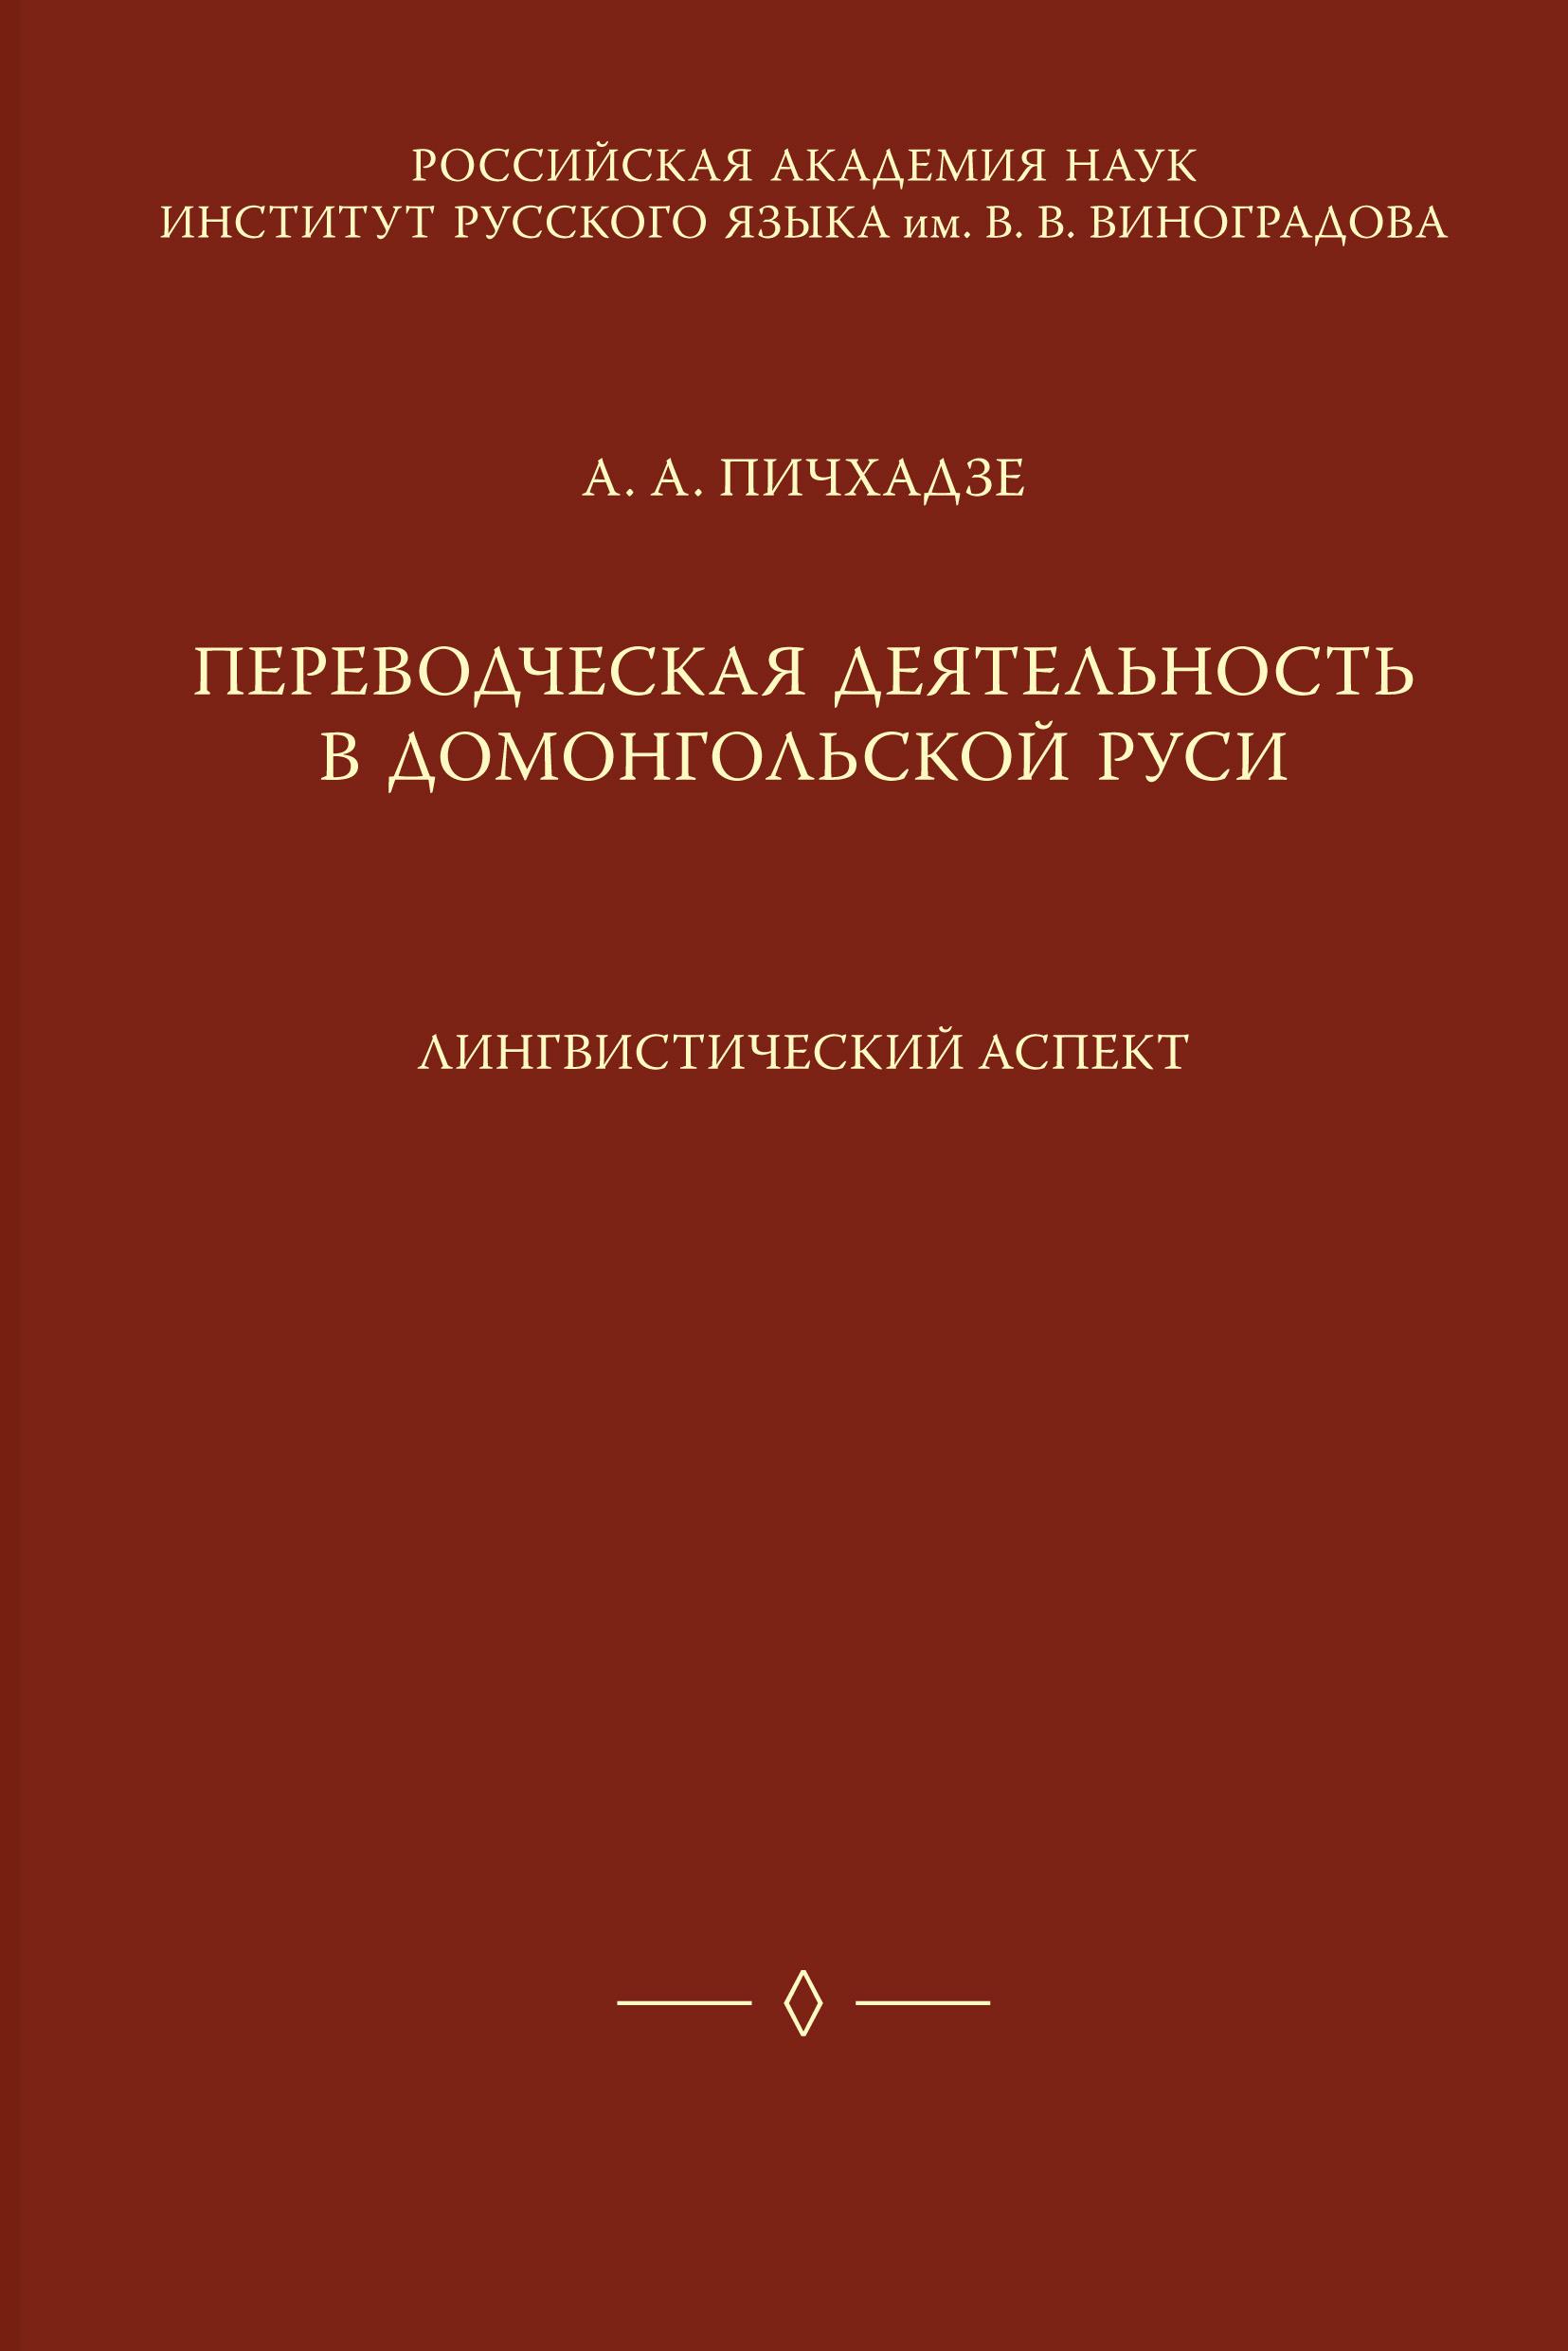 Переводческая деятельность в домонгольской Руси. Лингвистический аспект